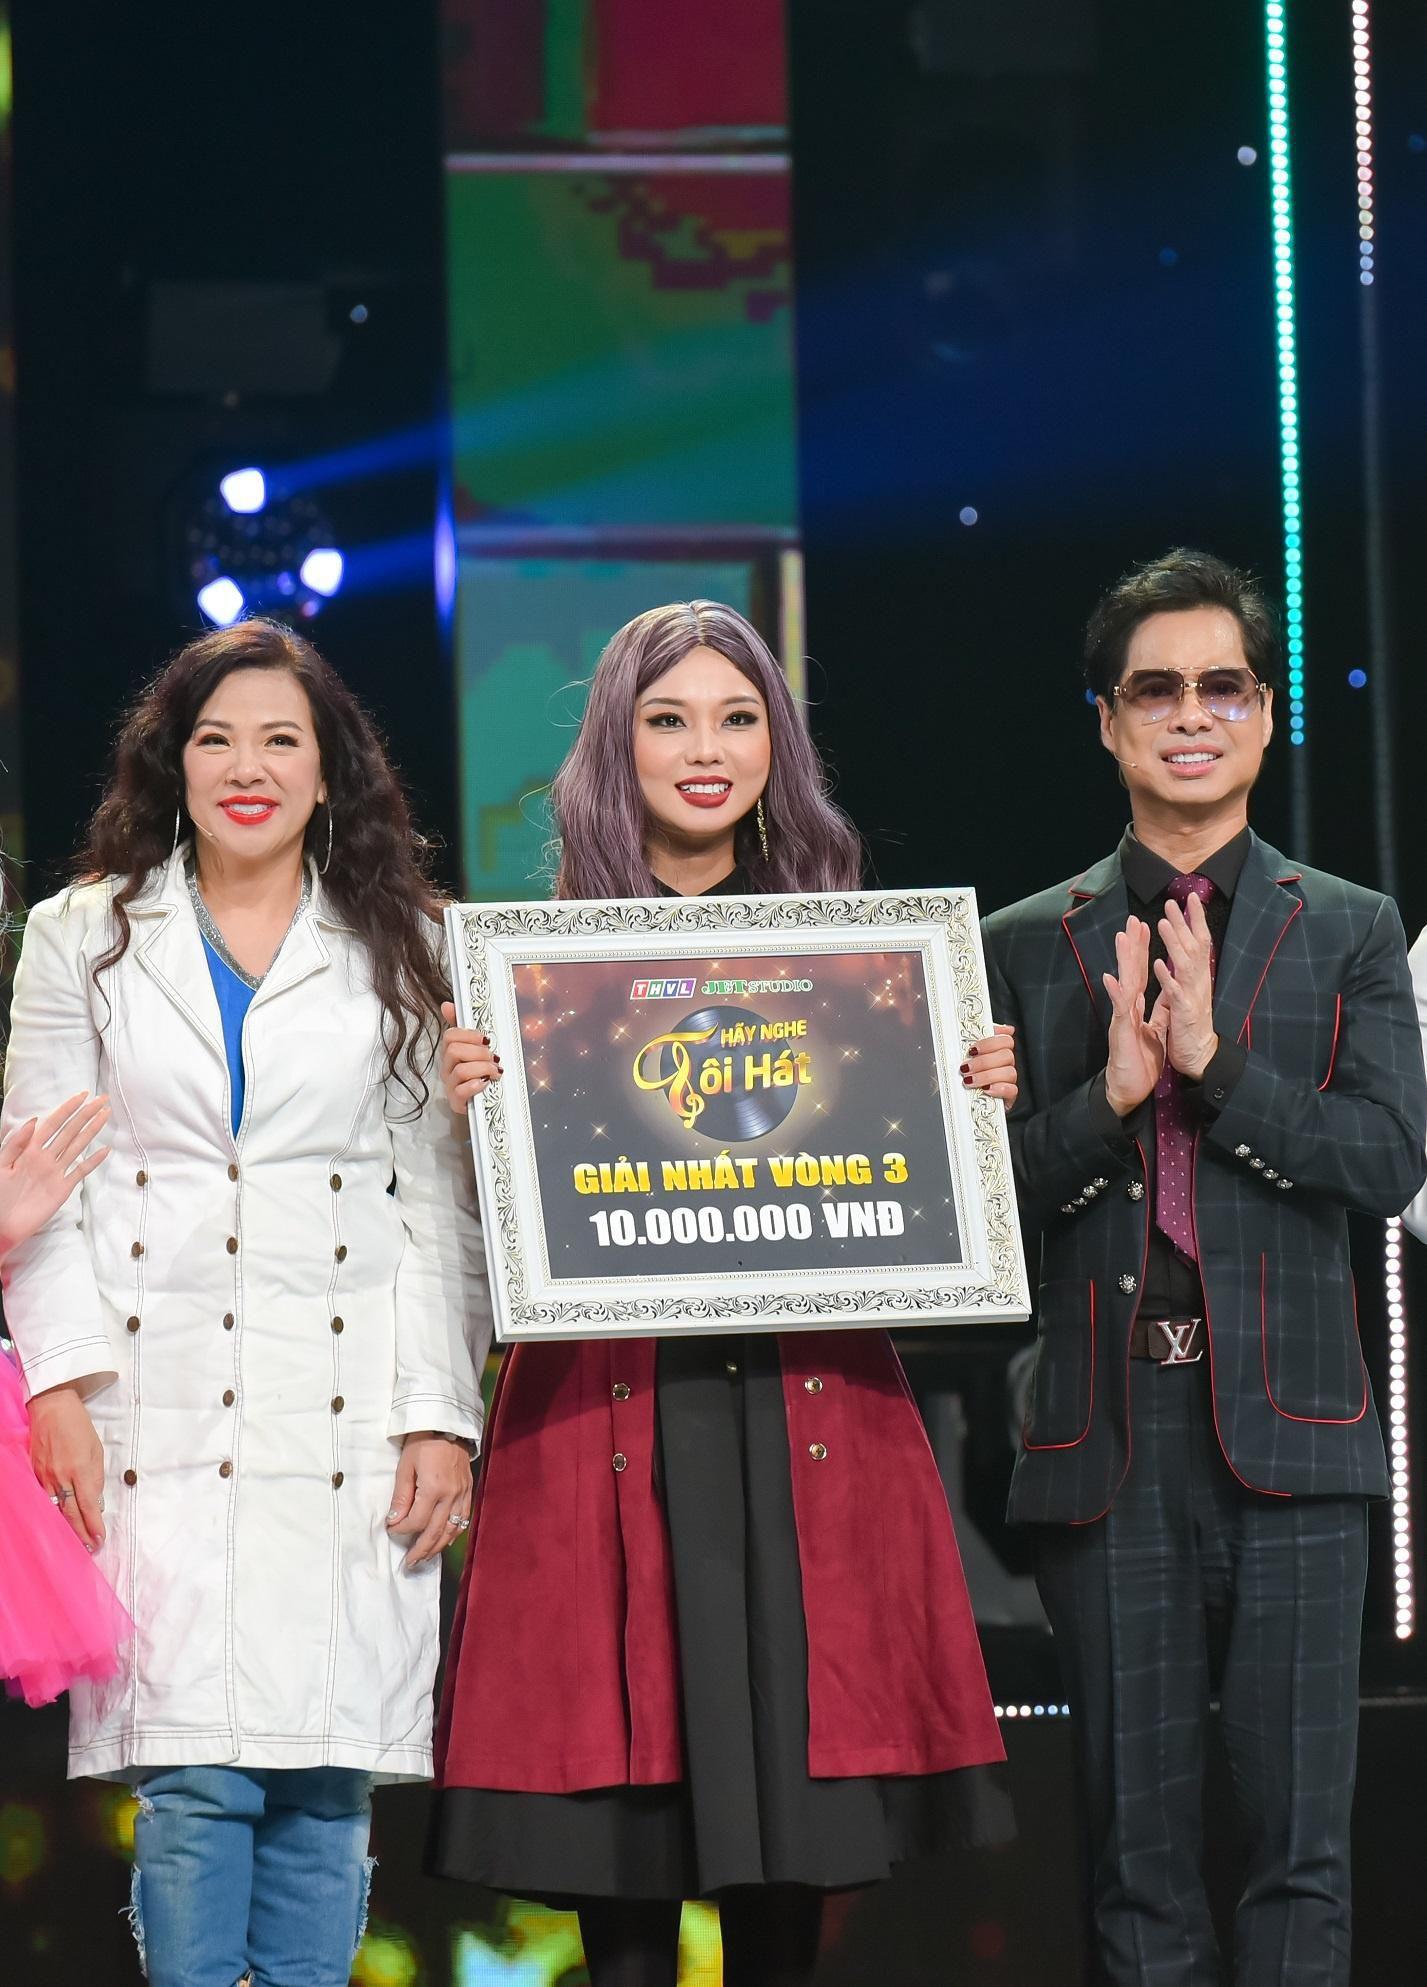 Thái Bảo giành cú đúp giải nhất tuần chương trình 'Hãy nghe tôi hát' Ảnh 4